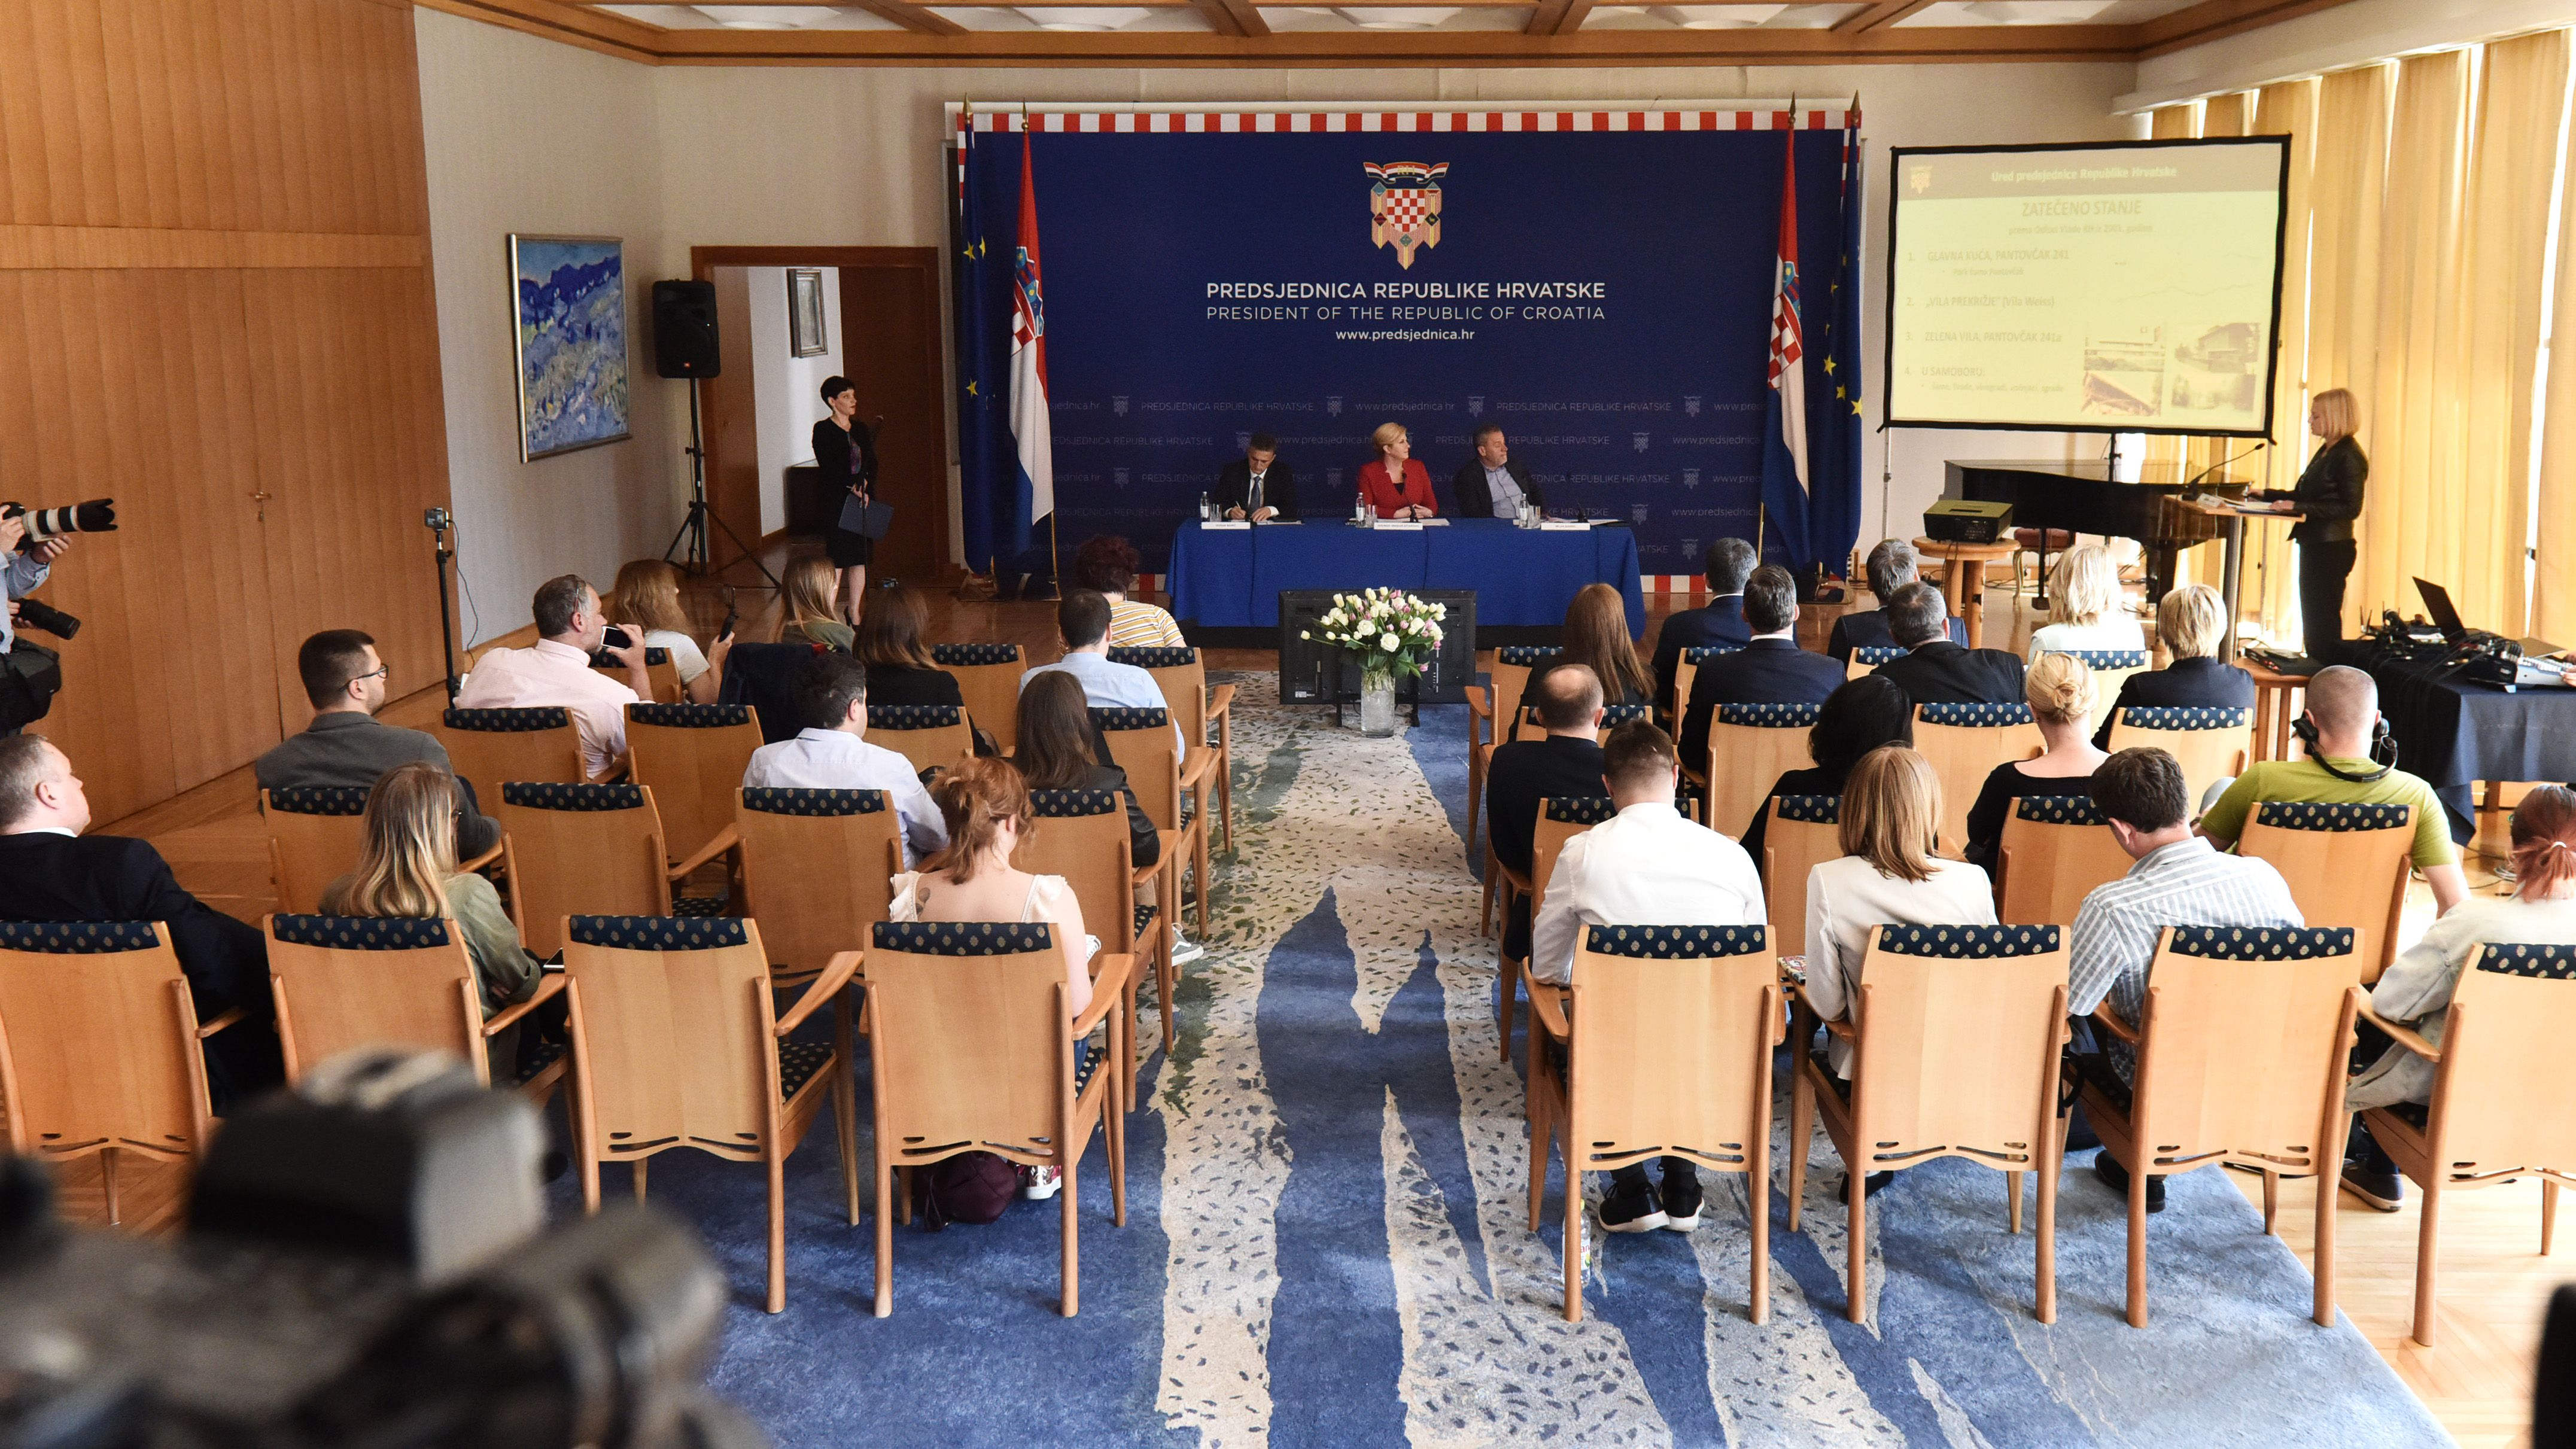 Predstavljen projekt kojim će kompleks Ureda predsjednice Grabar-Kitarović biti smanjen za 700 tisuća metara četvornih